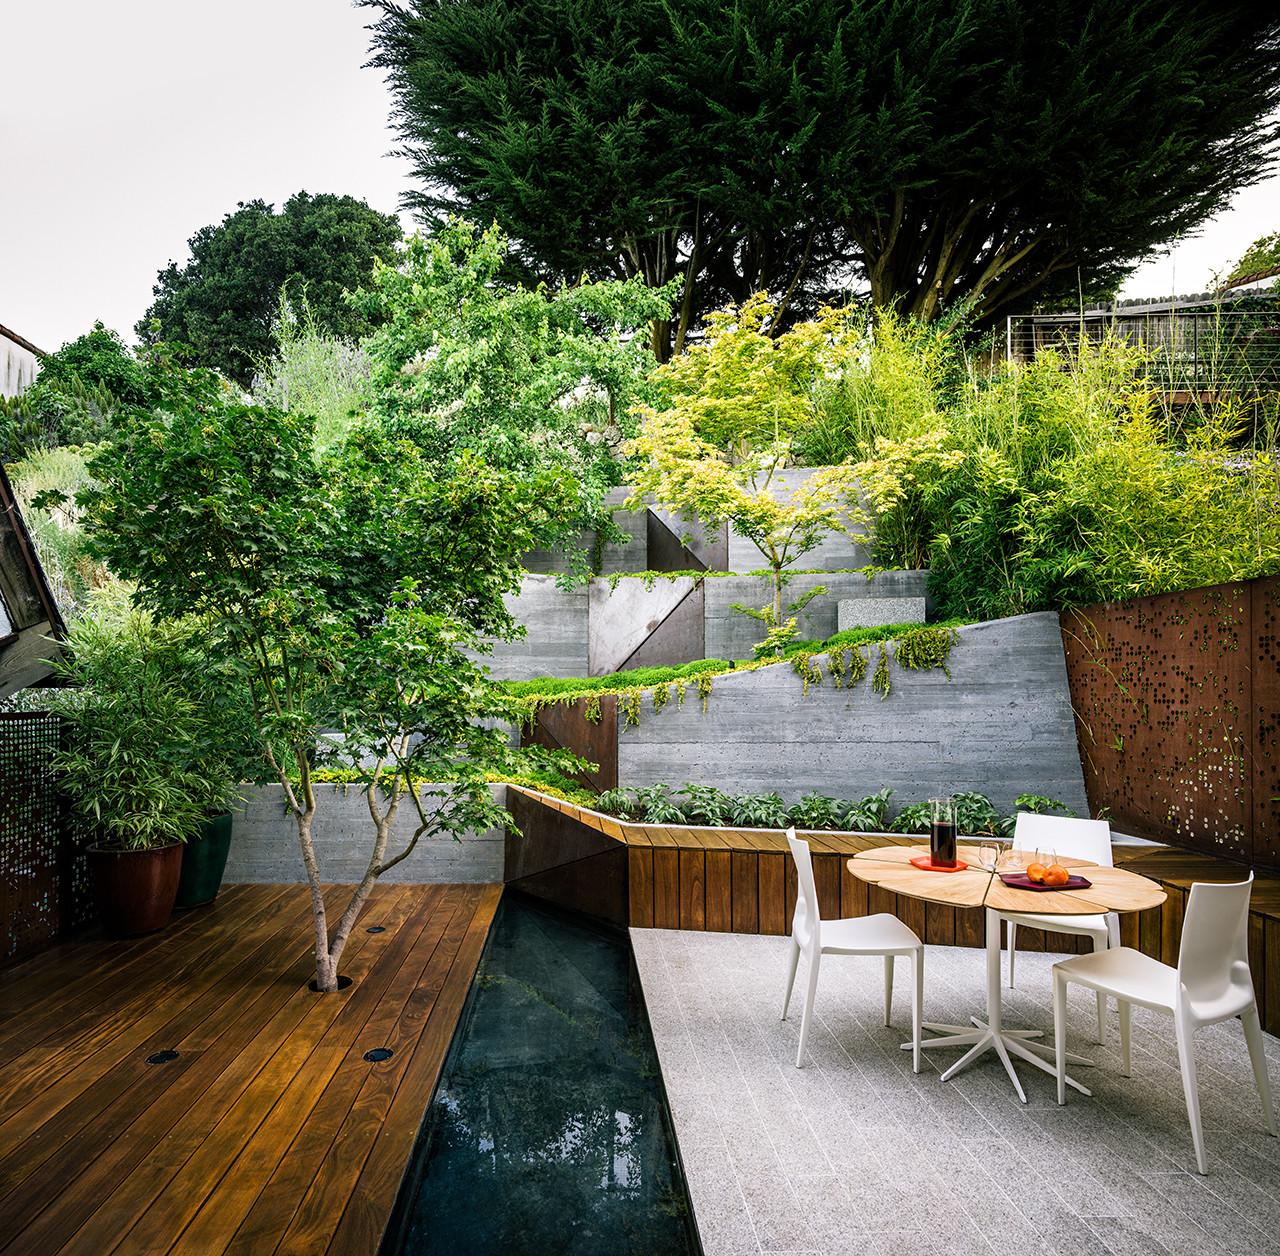 Arquitectura y Paisaje: Hilgard Garden, una sala de estar al aire libre por Mary Barensfeld Architecture, © Joe Fletcher Photography